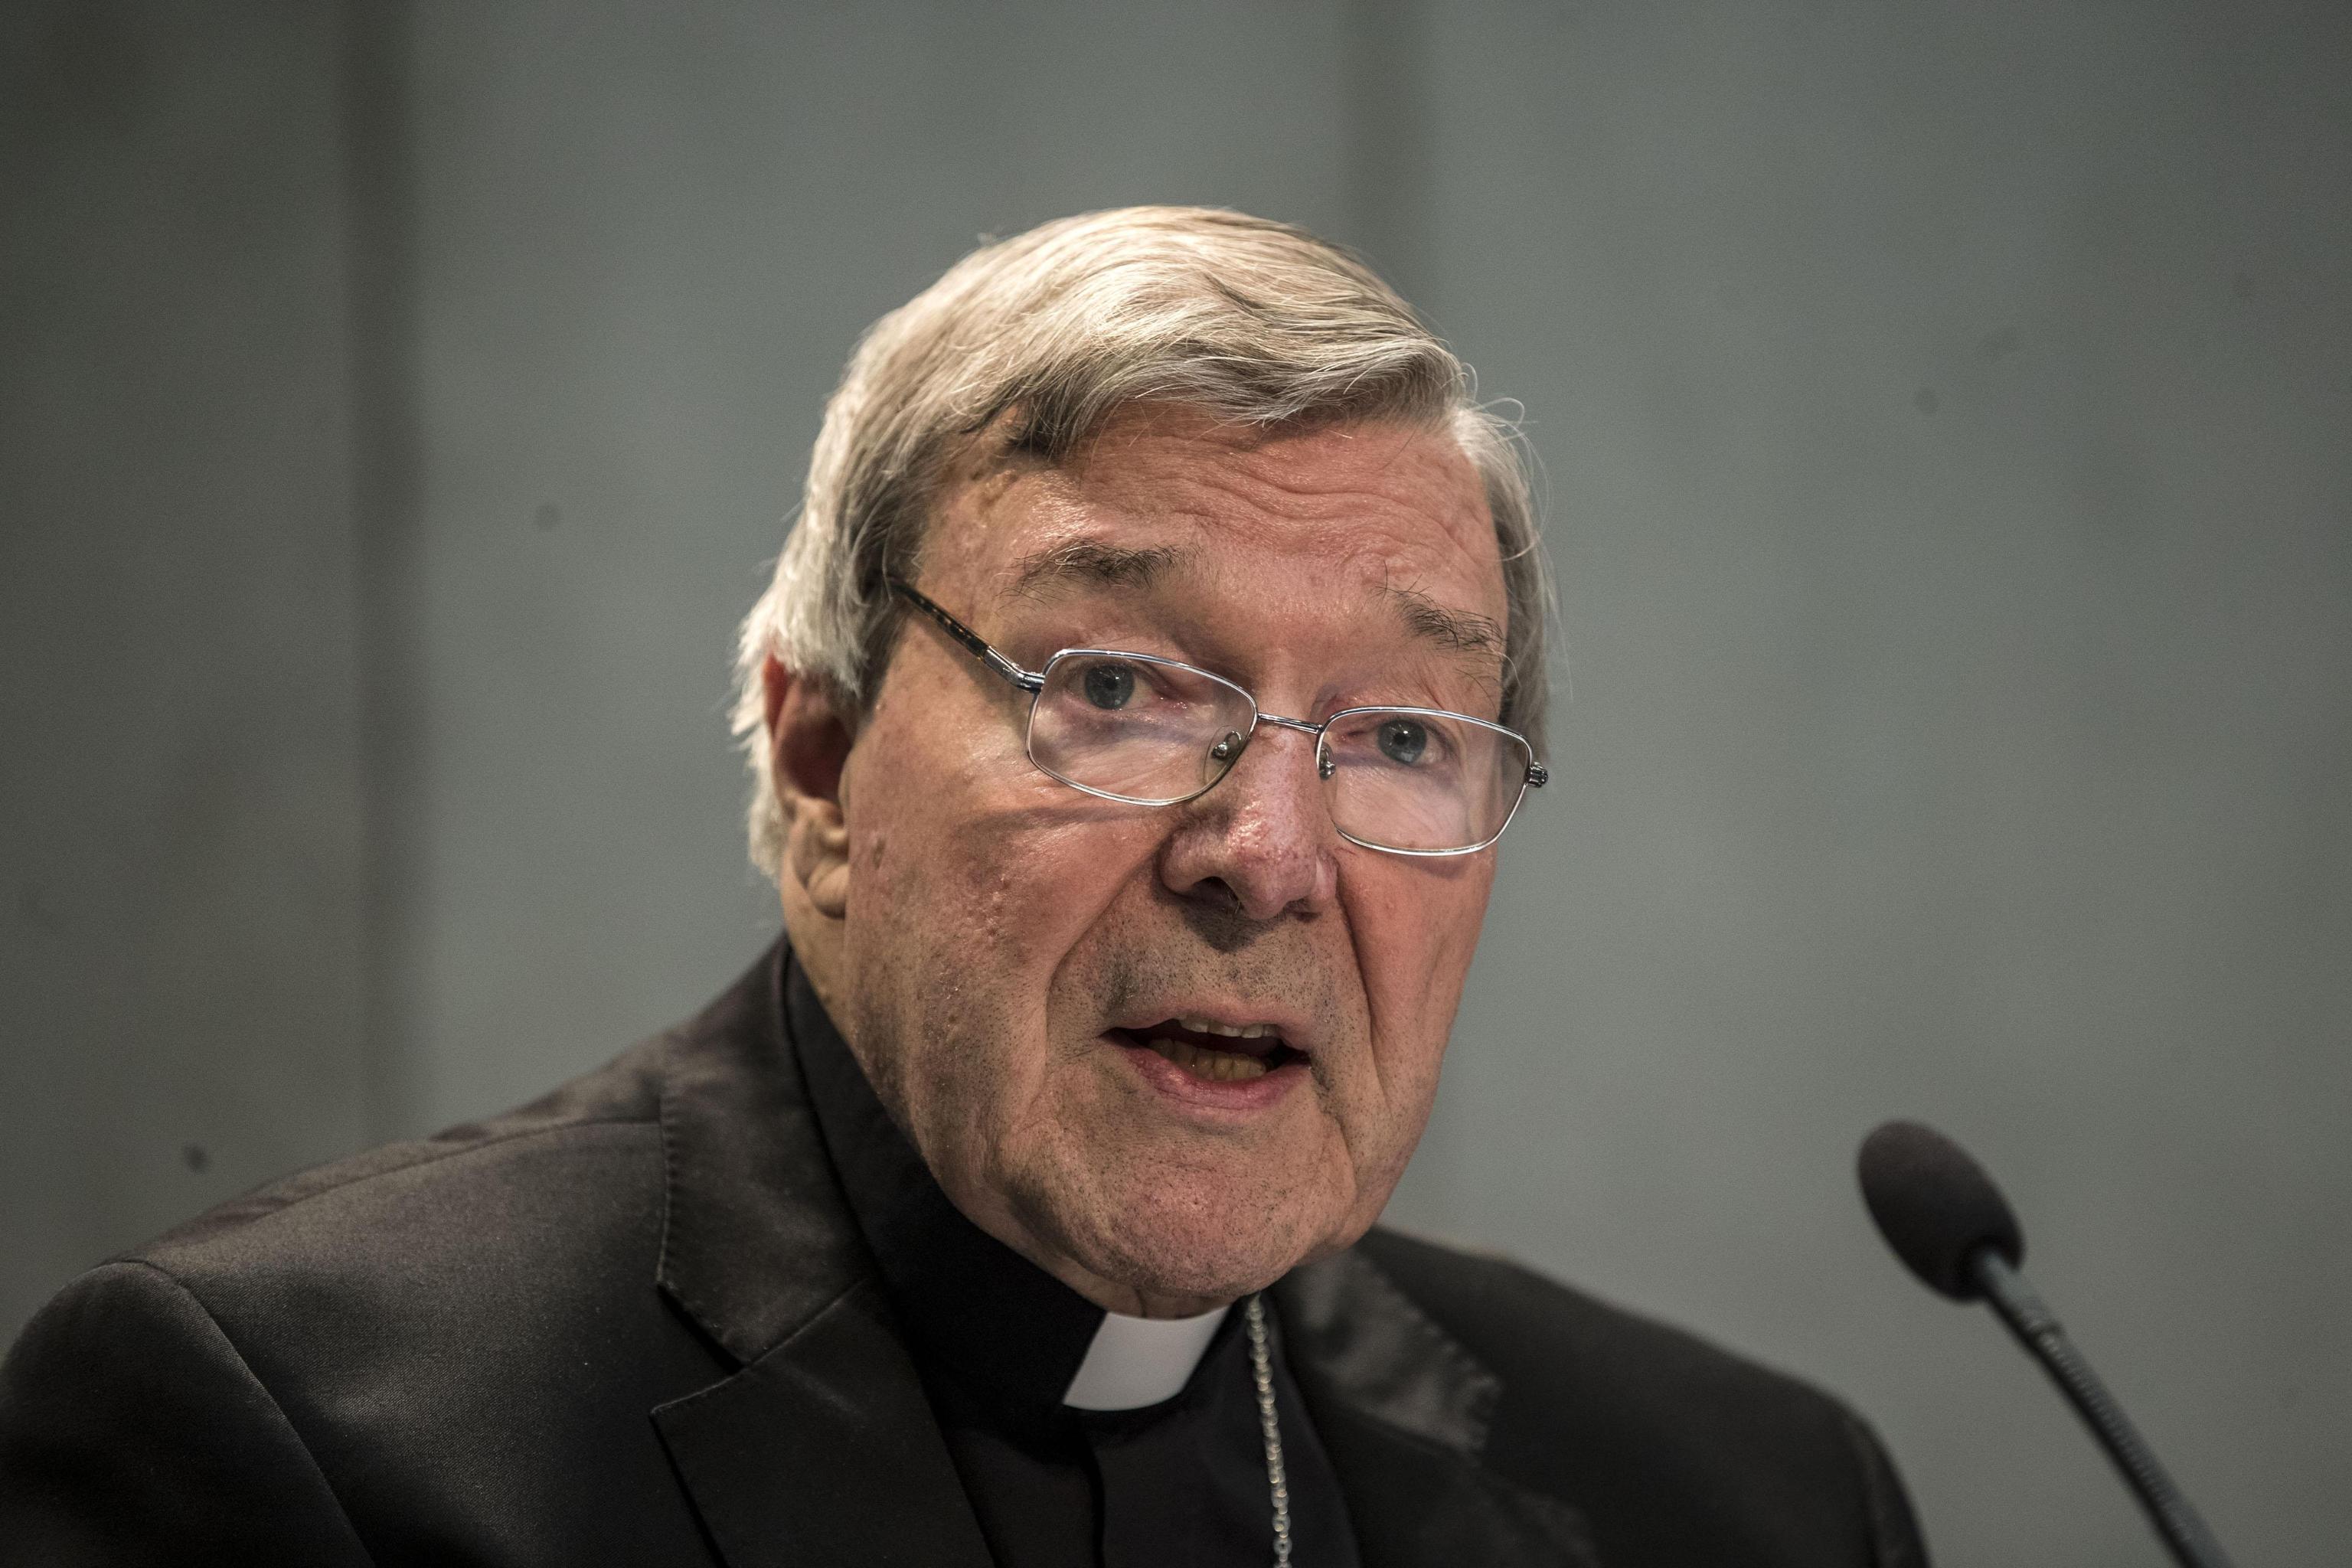 Scandalo Vaticano: il cardinale Pell incriminato per pedofilia